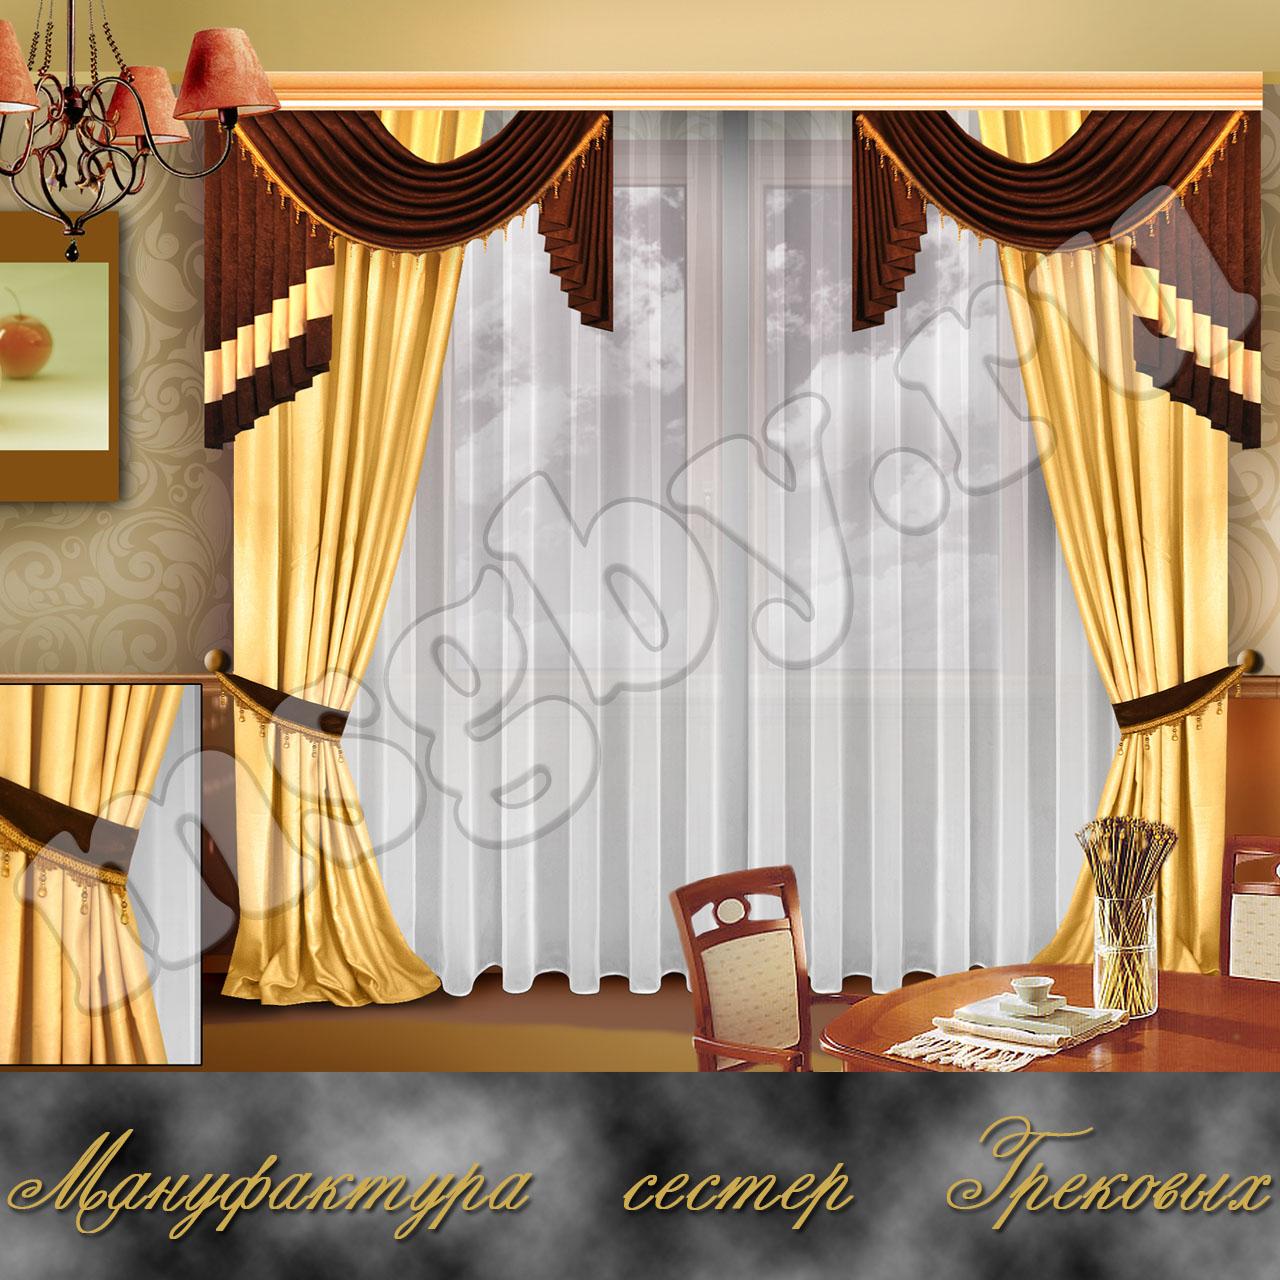 Сбор заказов. Белорусские шторы. Эксклюзив. Цвет и размер по вашему желанию. Появились новинки, ТАКИЕ только здесь. Наряжаем окна к Новому году!!! Последний выкуп в этом году. Выкуп 8